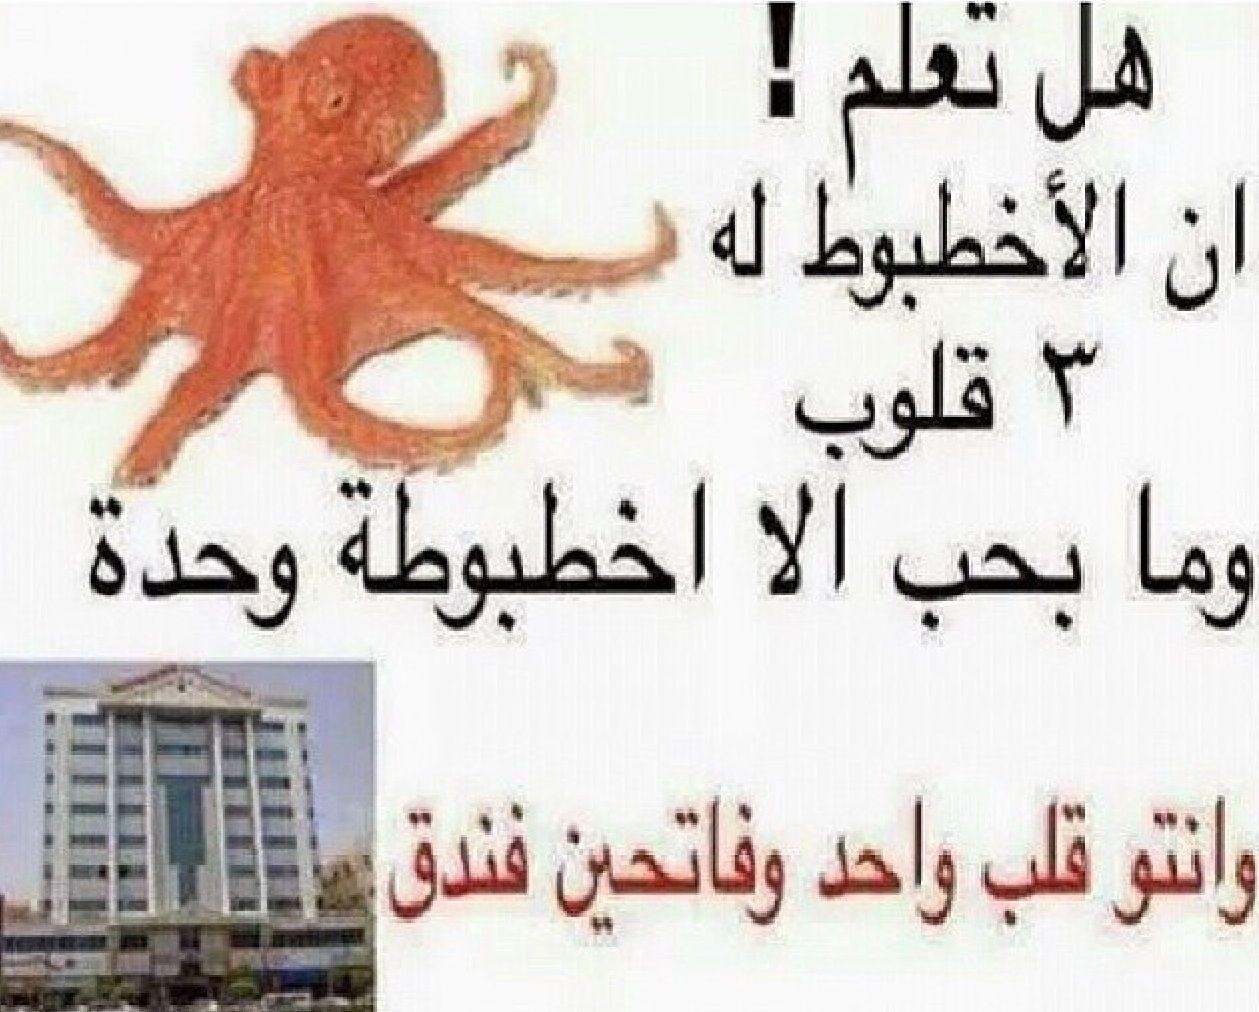 فندق ما شاء الله نكت Arabic Funny Jokes Arabic Jokes